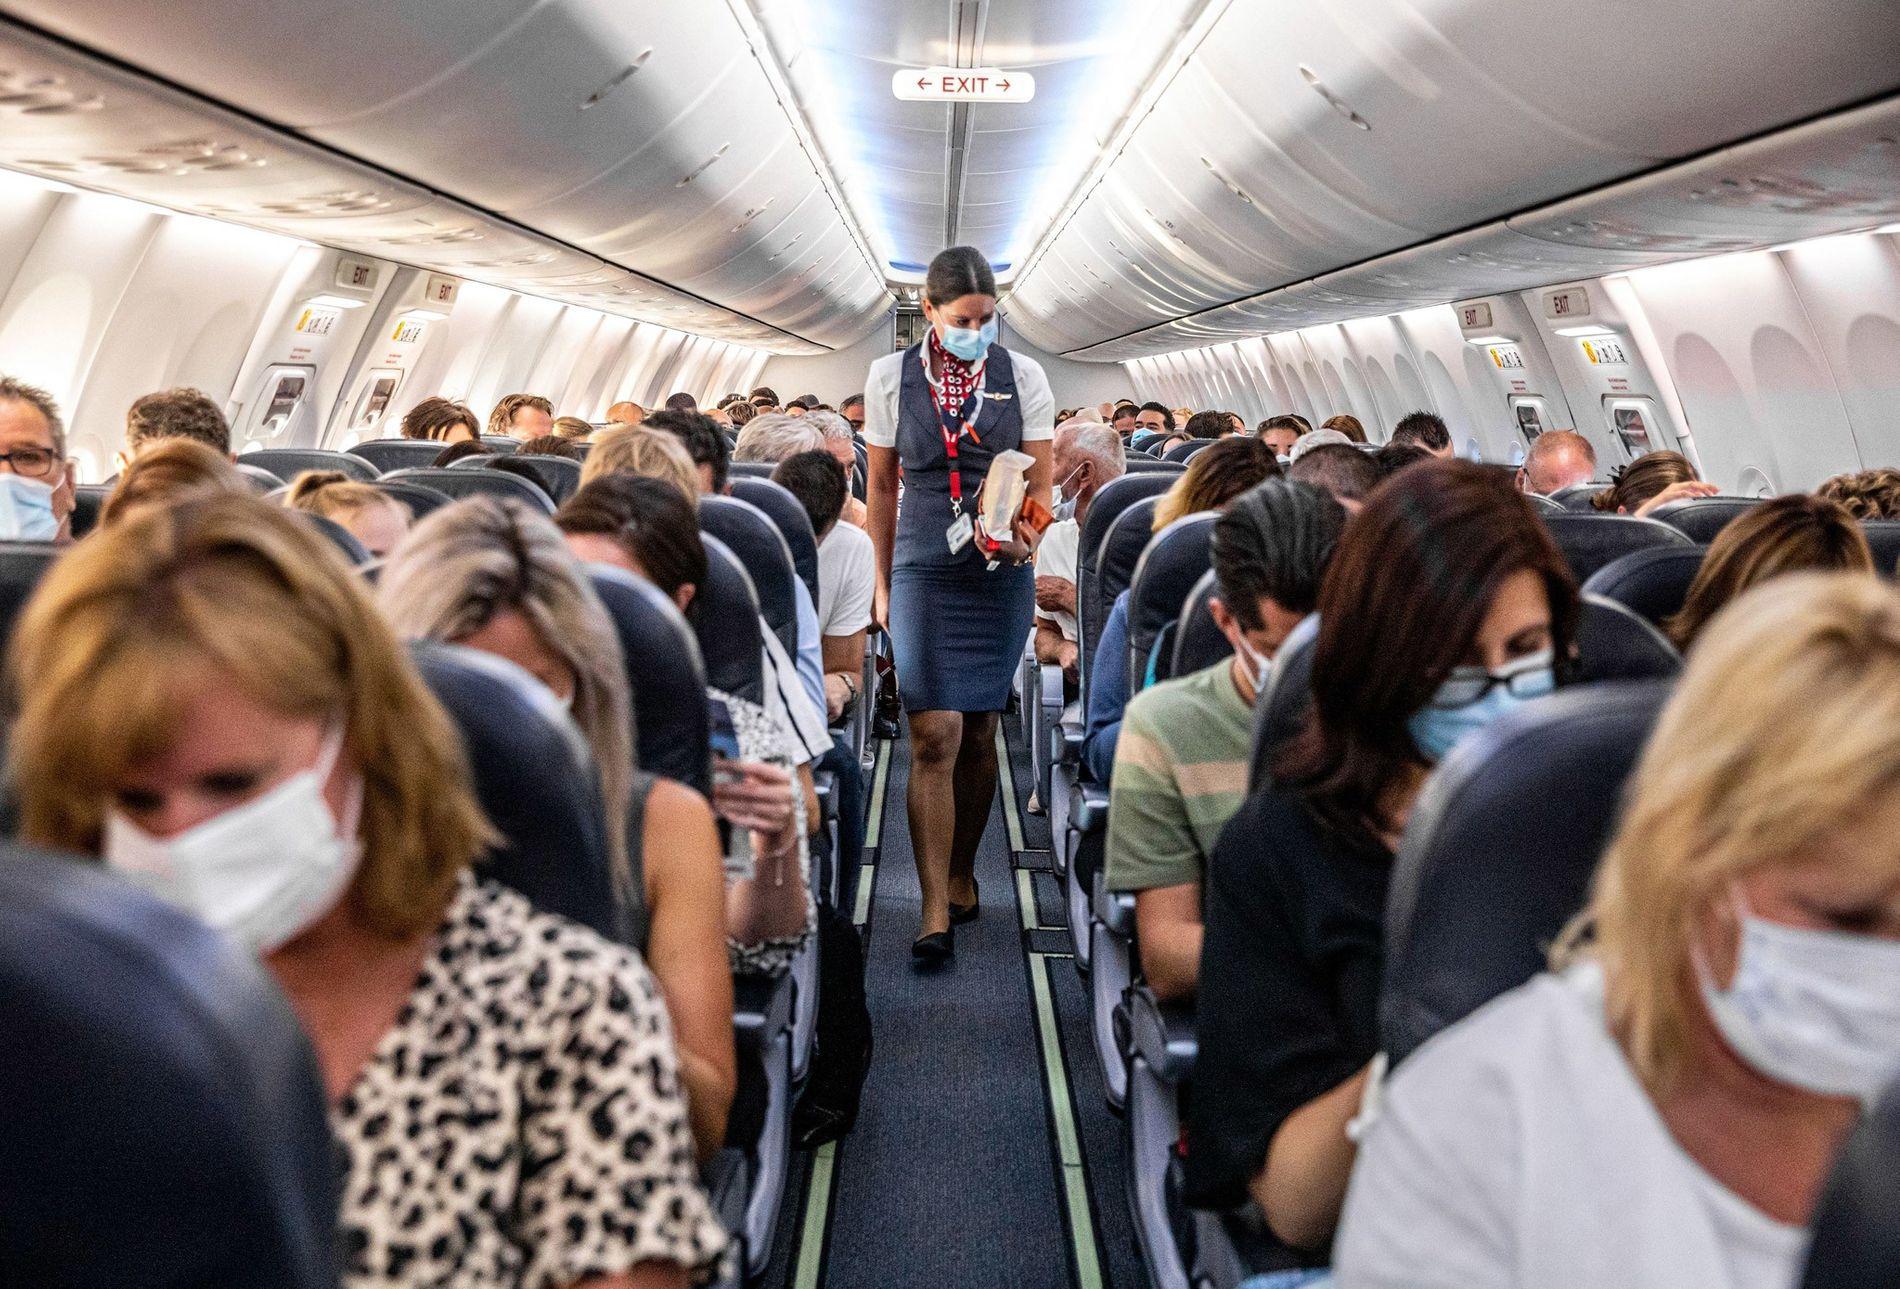 ¿Cuáles son los asientos de avión donde se corre mayor riesgo de contagio de COVID-19?